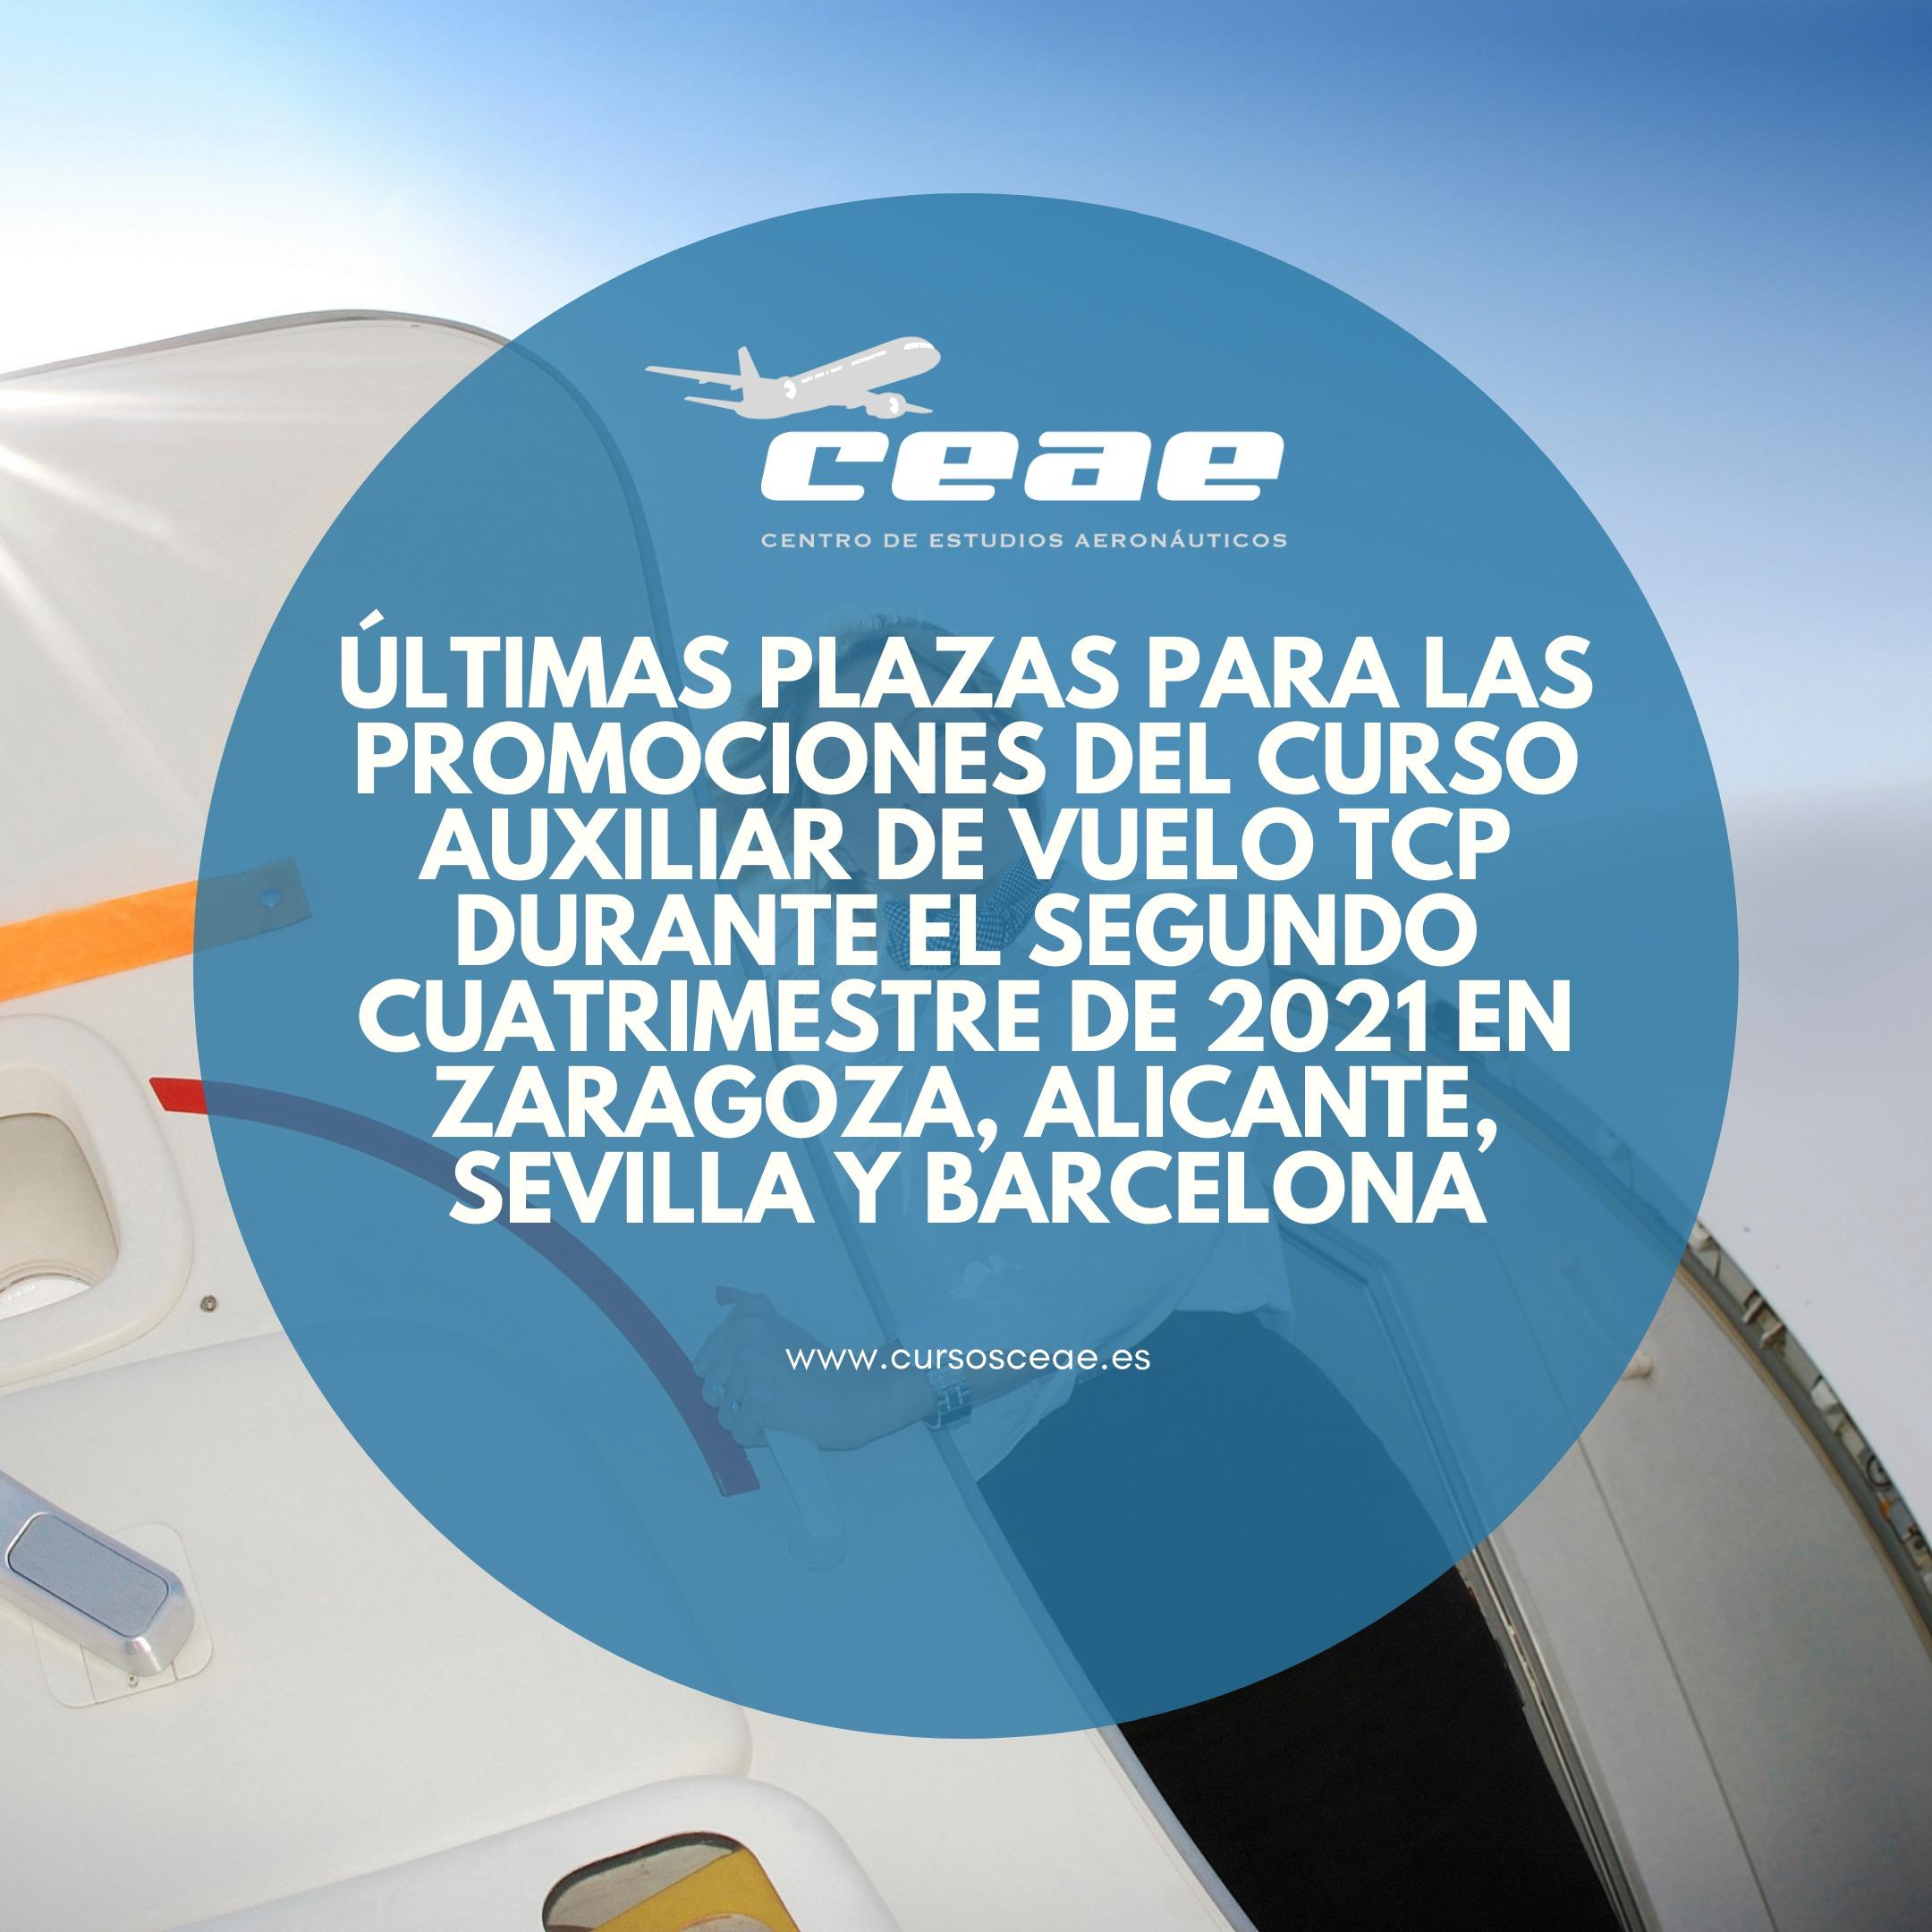 Últimas plazas para las promociones del curso Auxiliar de Vuelo TCP durante el segundo cuatrimestre de 2021 en Zaragoza, Alicante, Sevilla y Barcelona